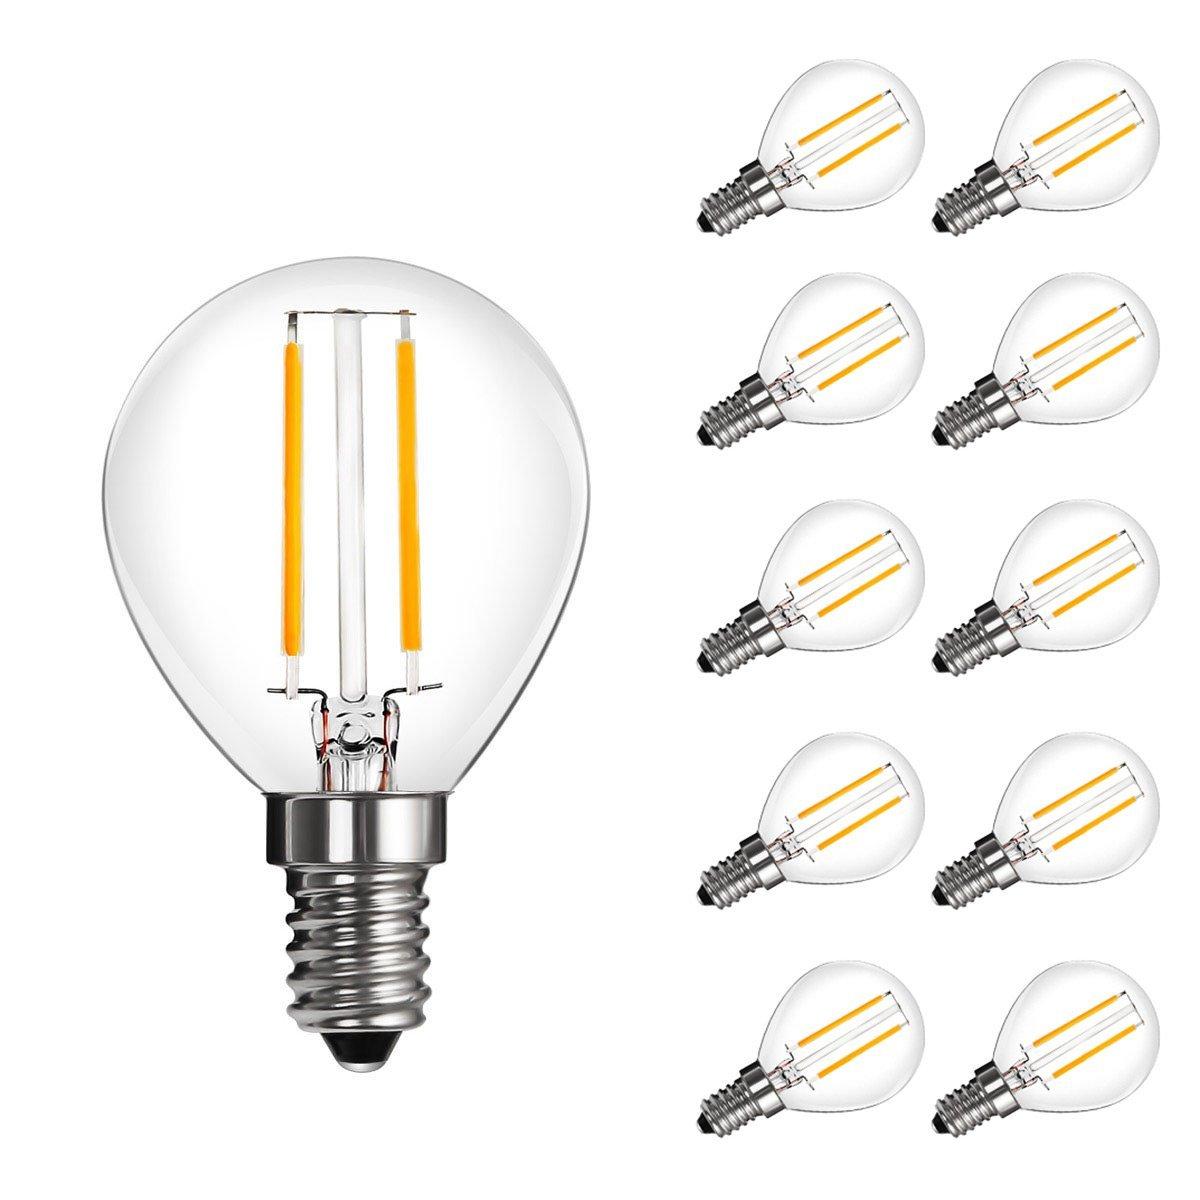 [Bündel] 2W LED P45 Birnen mit Glühfaden, 270lm, 360° Strahler, ersetzt 25W Glühlampe, Warmweiß, 10er Set